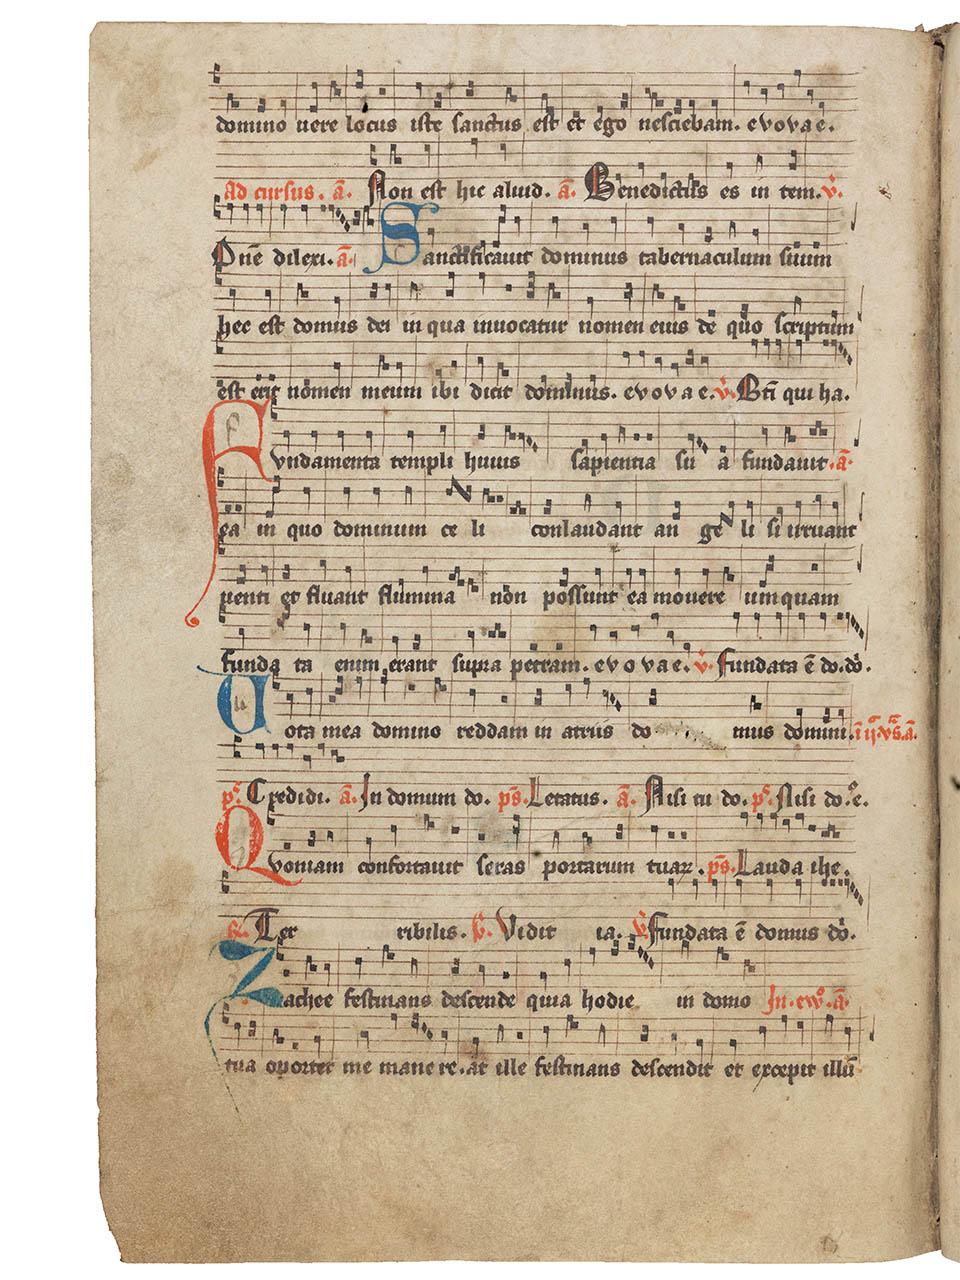 Einsiedeln, Kloster Einsiedeln - Musikbibliothek, 611